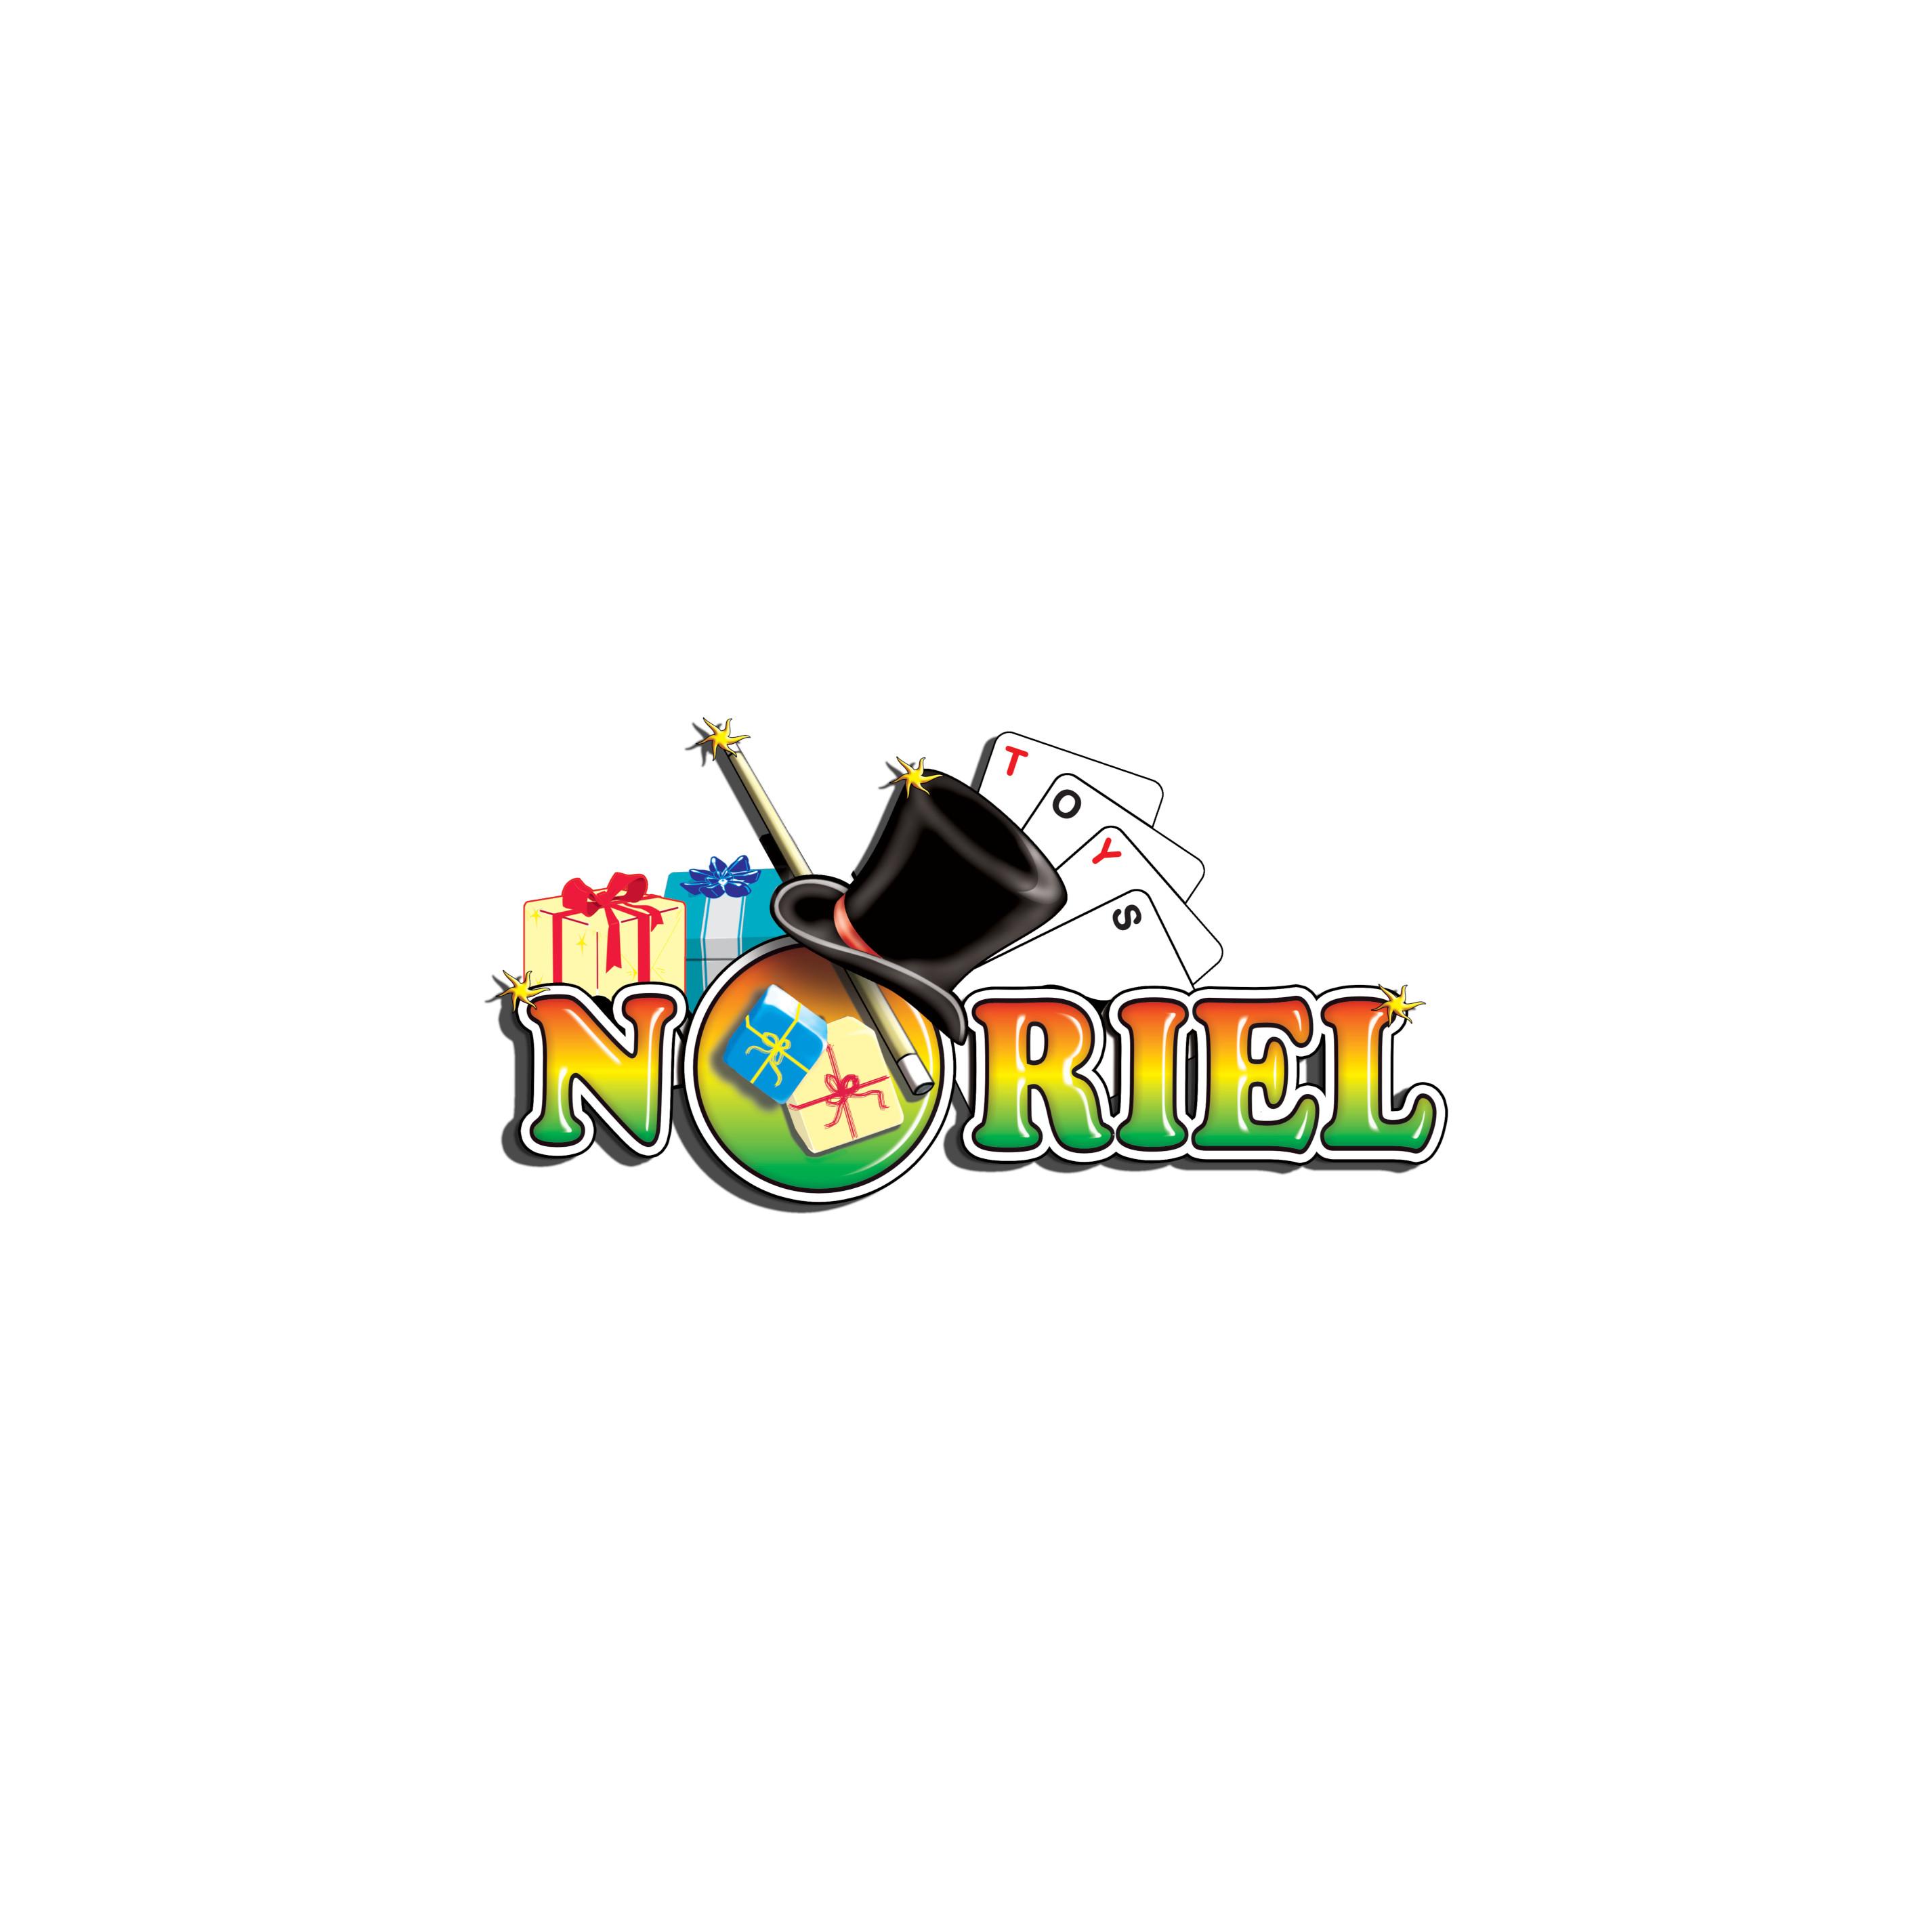 NOR 7997_001 Joc interactiv Noriel - Cine stie, castiga! Junior